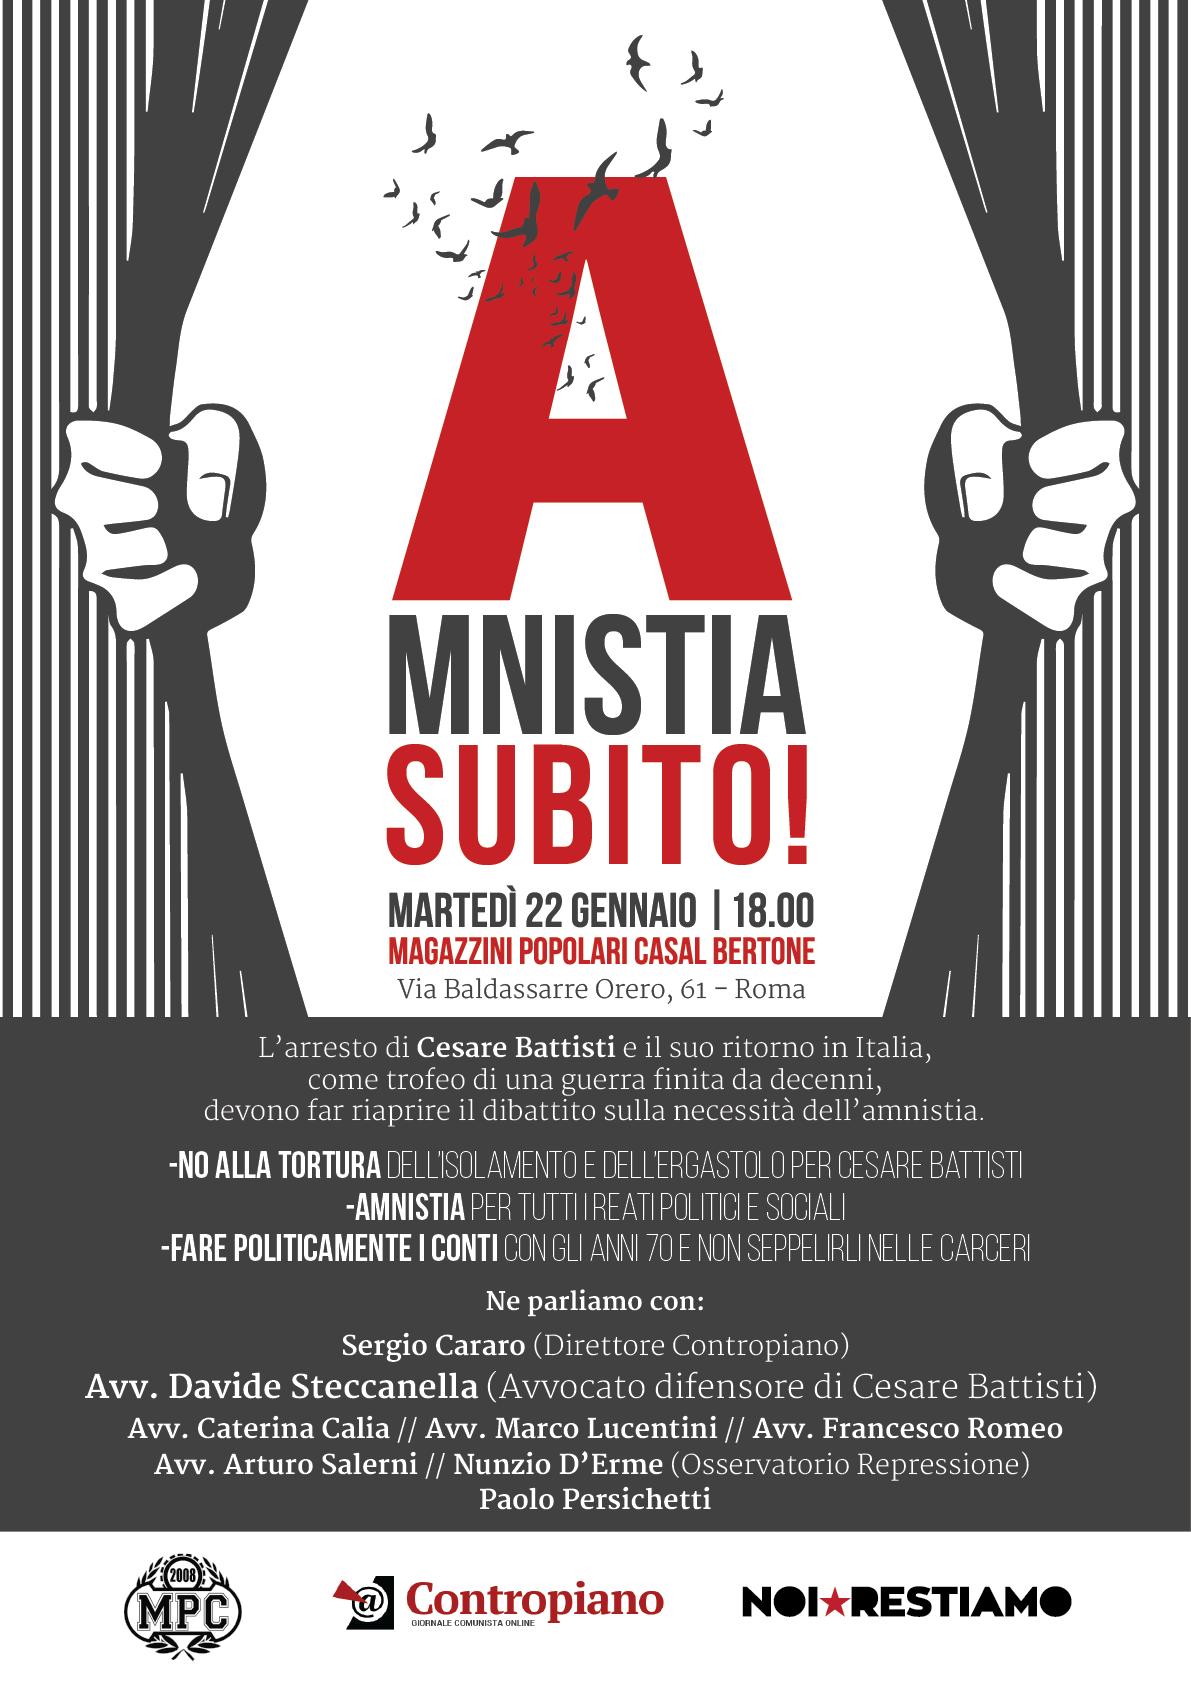 Italia, Lotte sociali anni '70: amnistia per i  detenuti politici